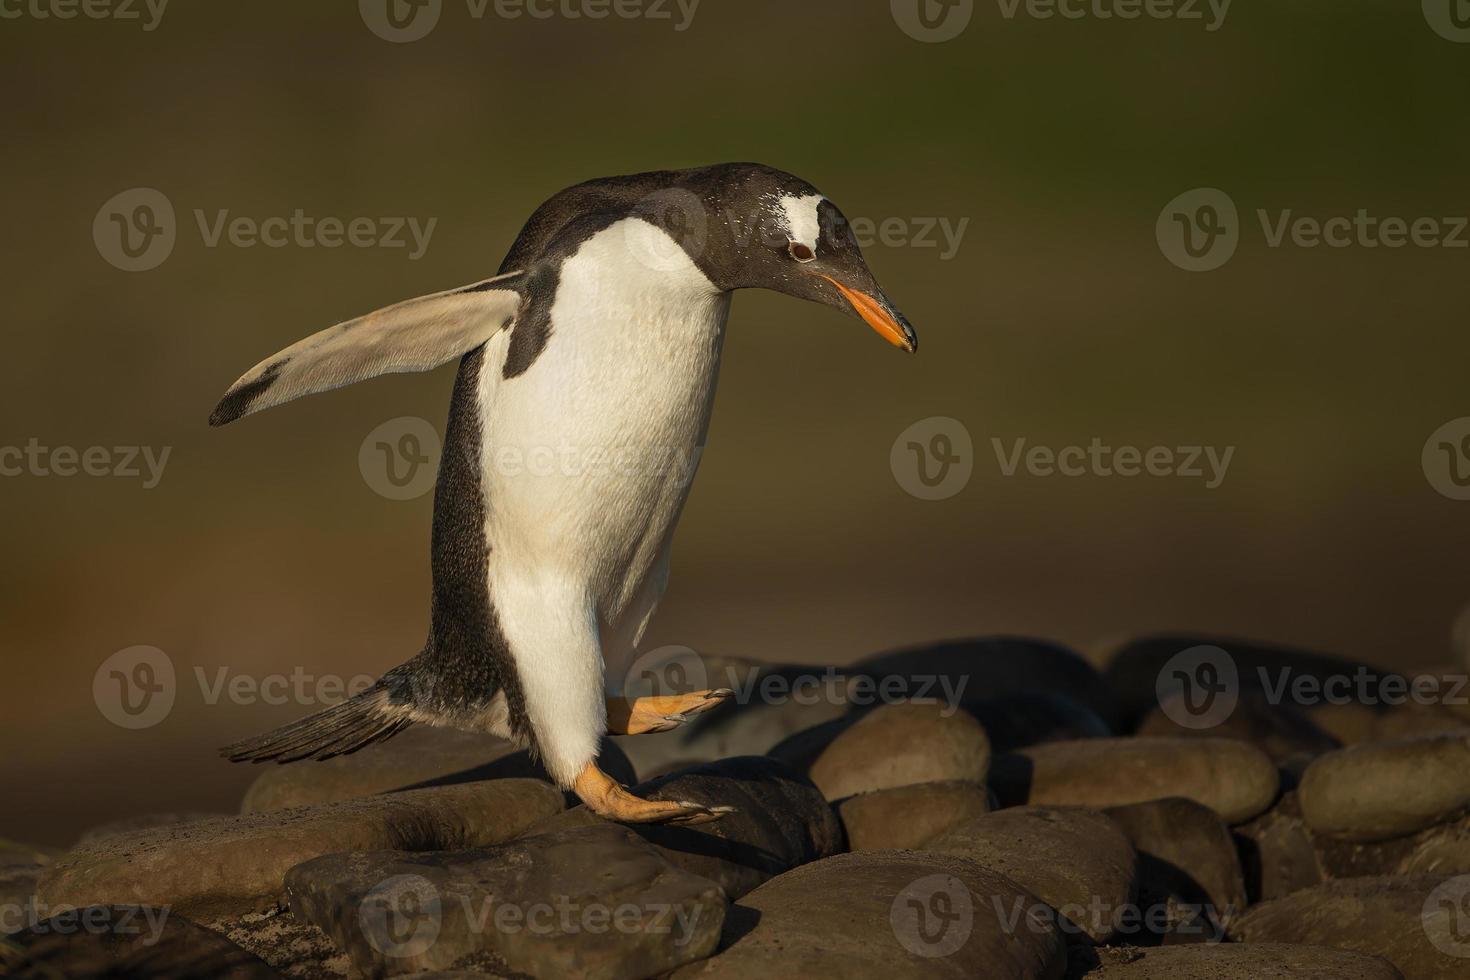 gentoo pingvin hoppar från stenar foto